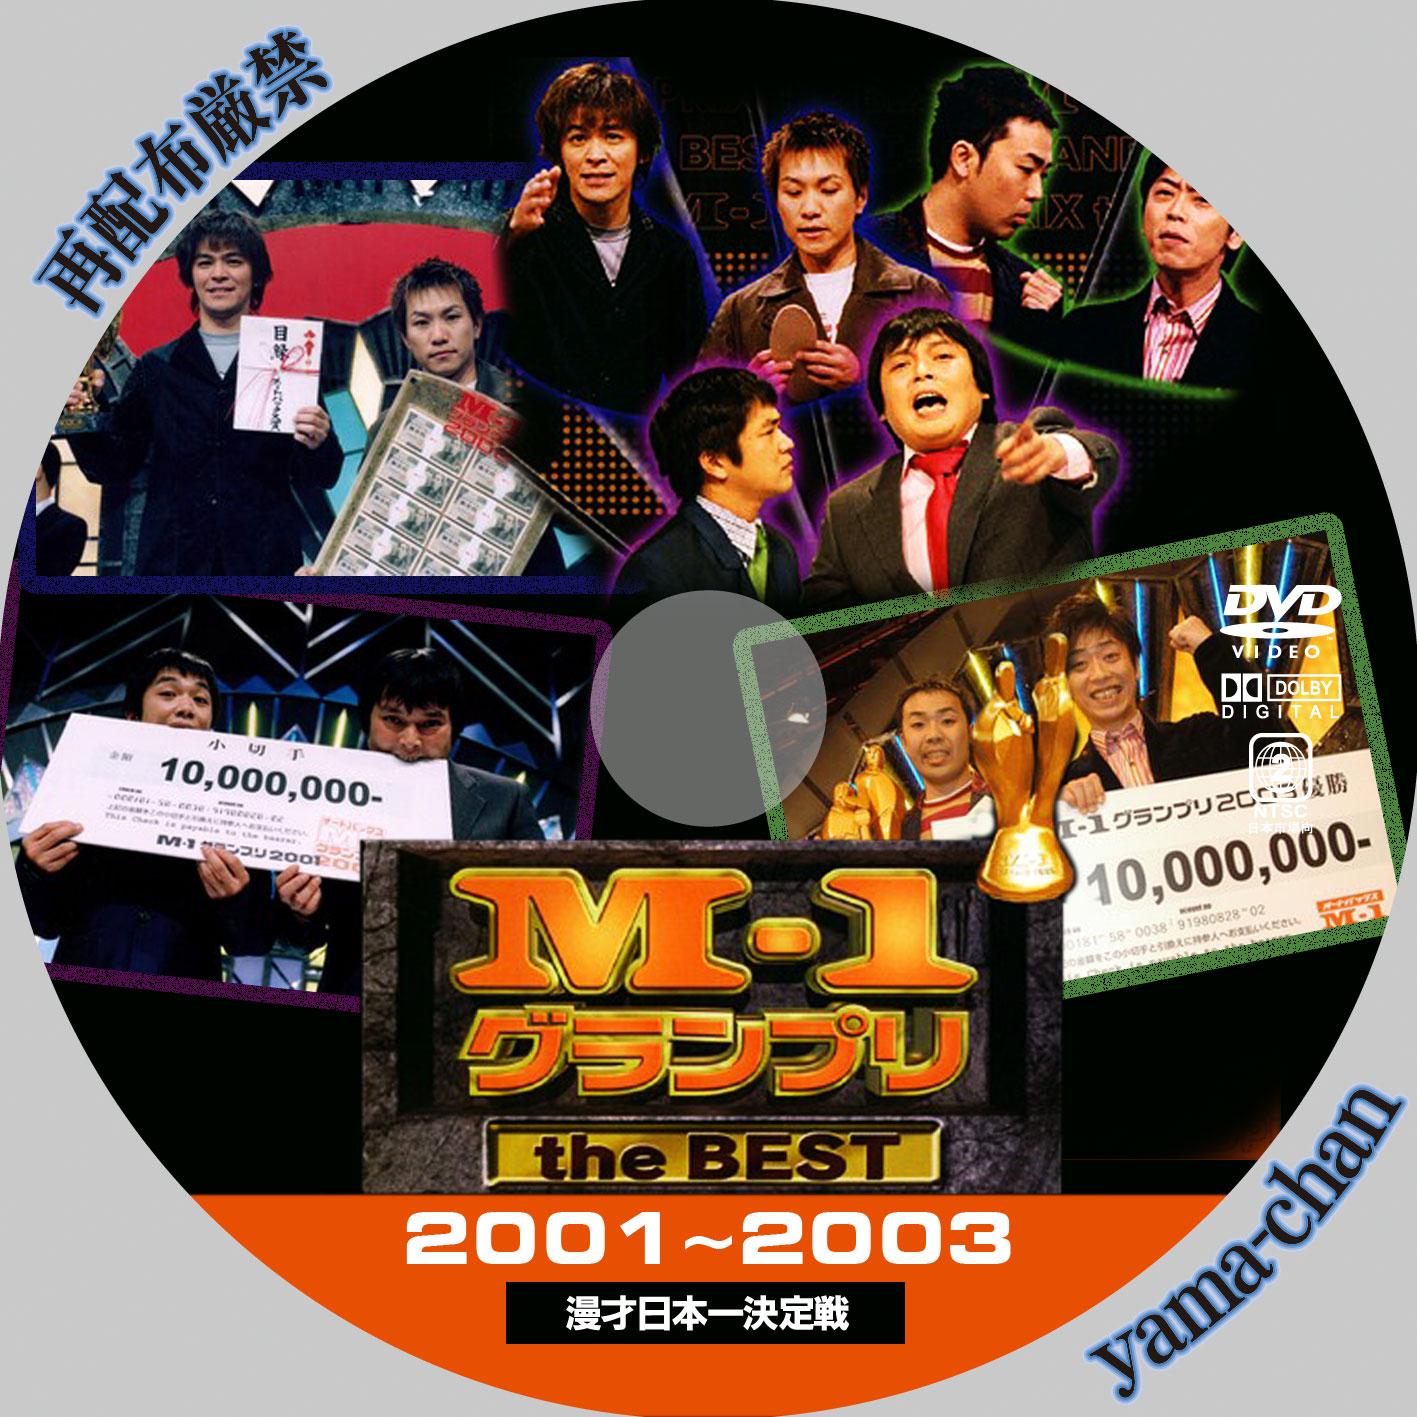 M-1グランプリ the FINAL PREMIUM COLLECTION 2001-2010 よしもとアール・アンド・シー 最安値比較: 坪井花のブログ